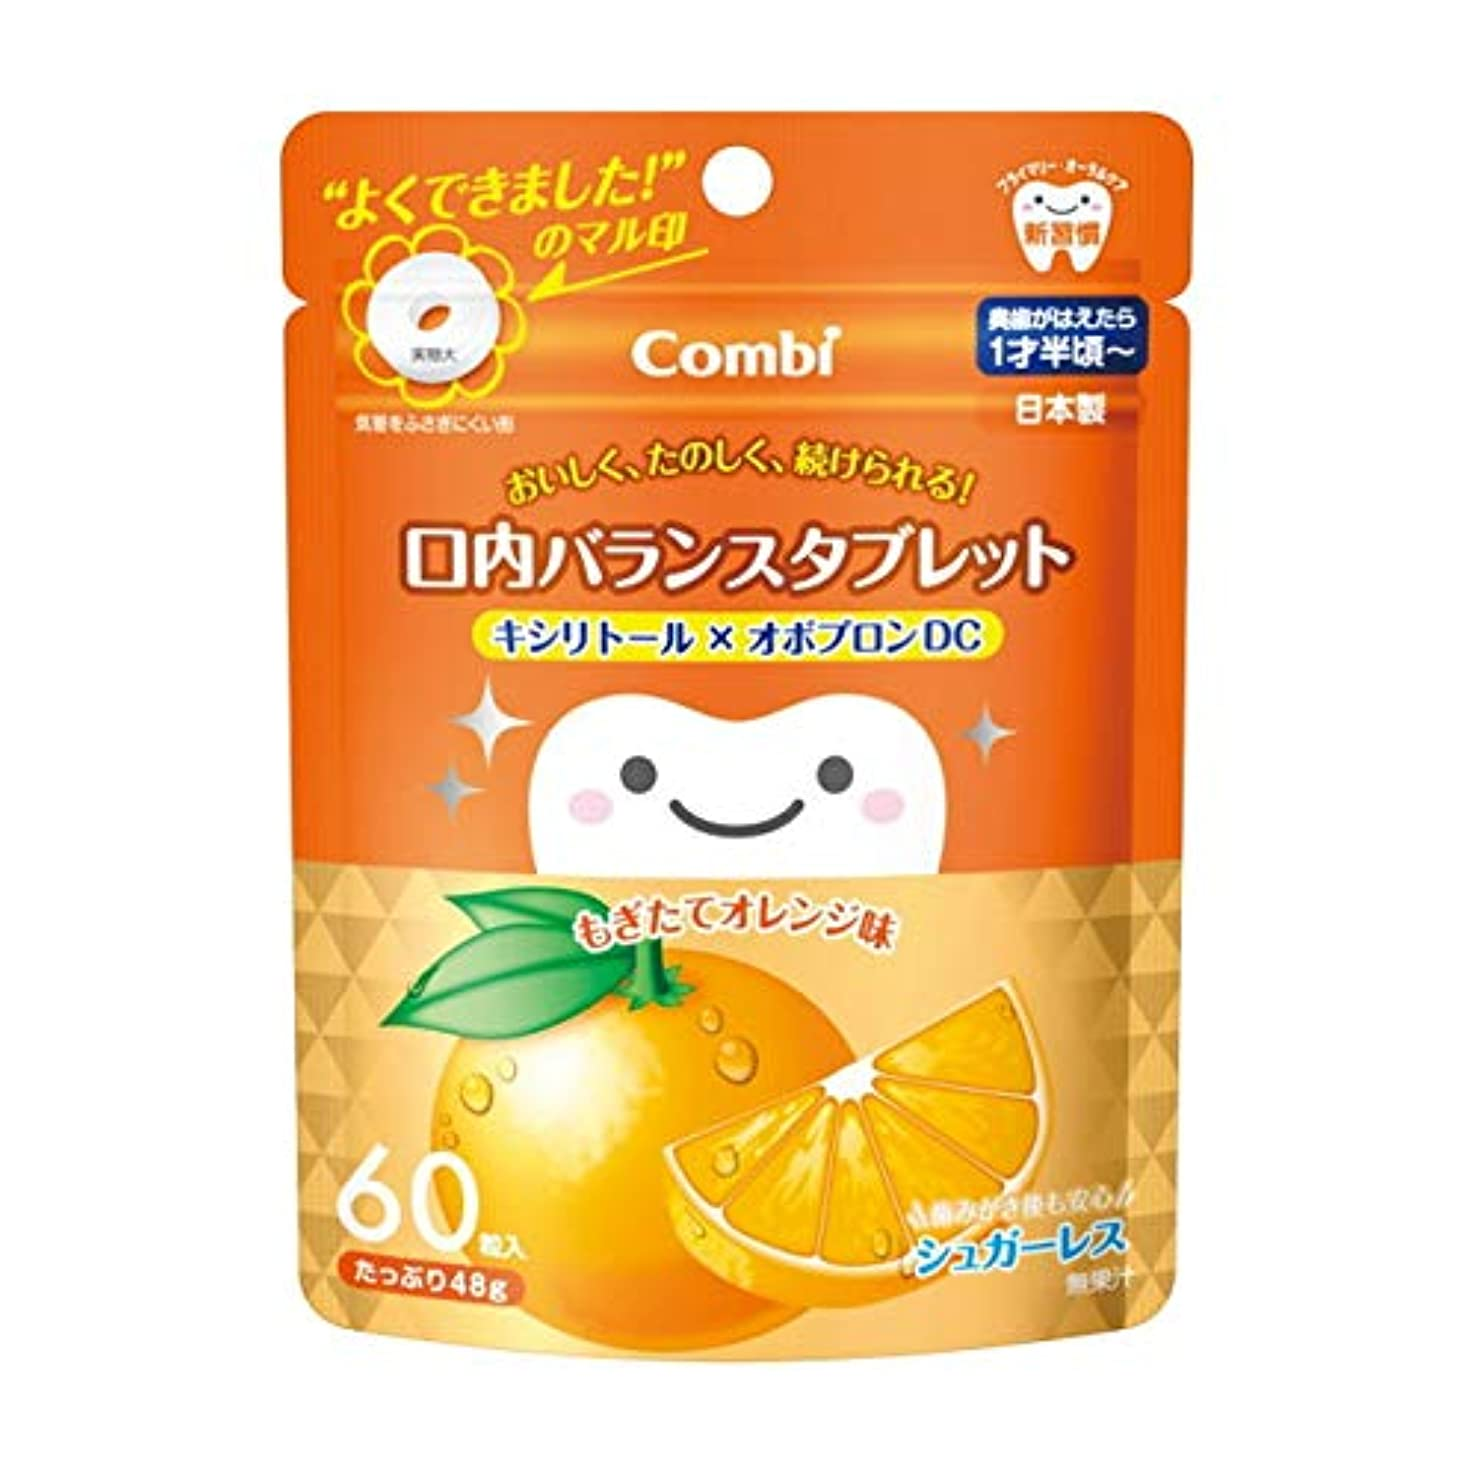 驚くばかりくるみ公然とテテオ 口内バランスタブレット(オレンジ) 60粒